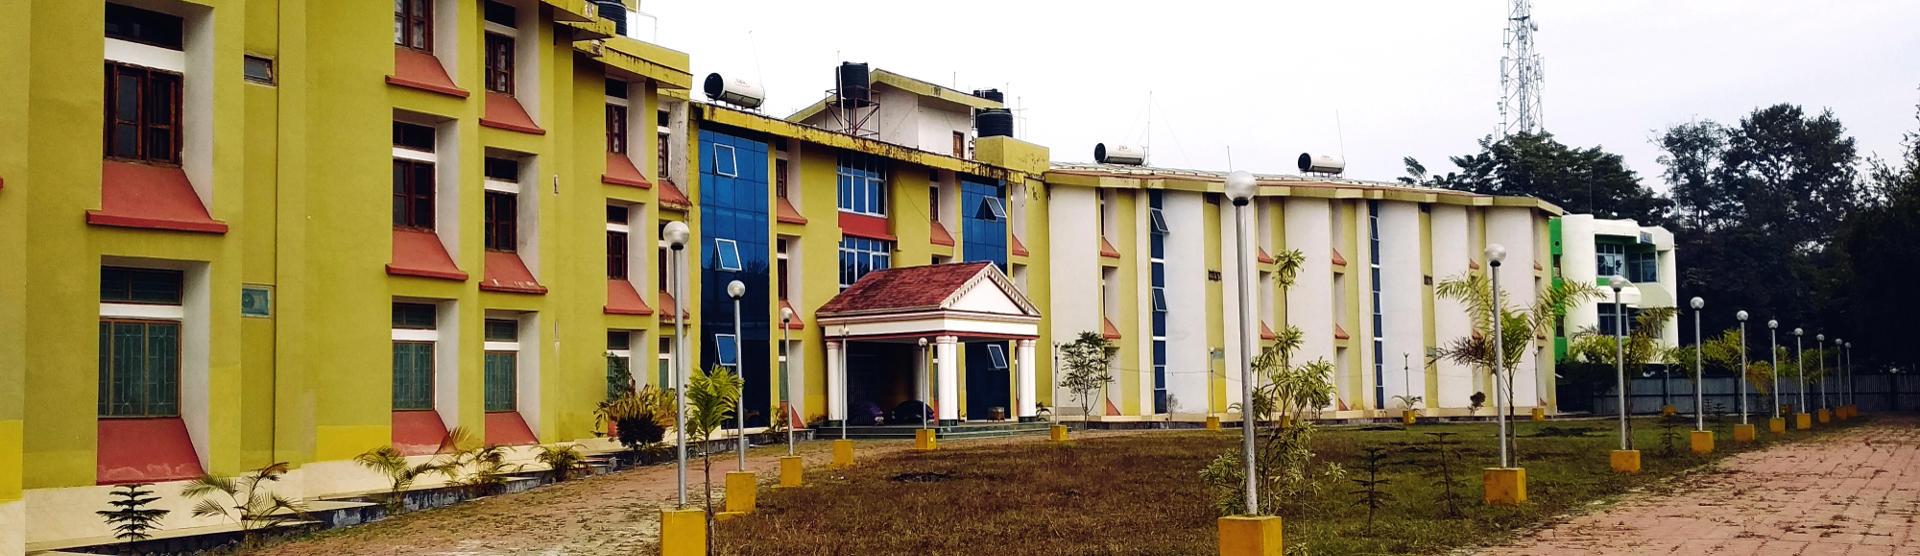 Manipur University Image